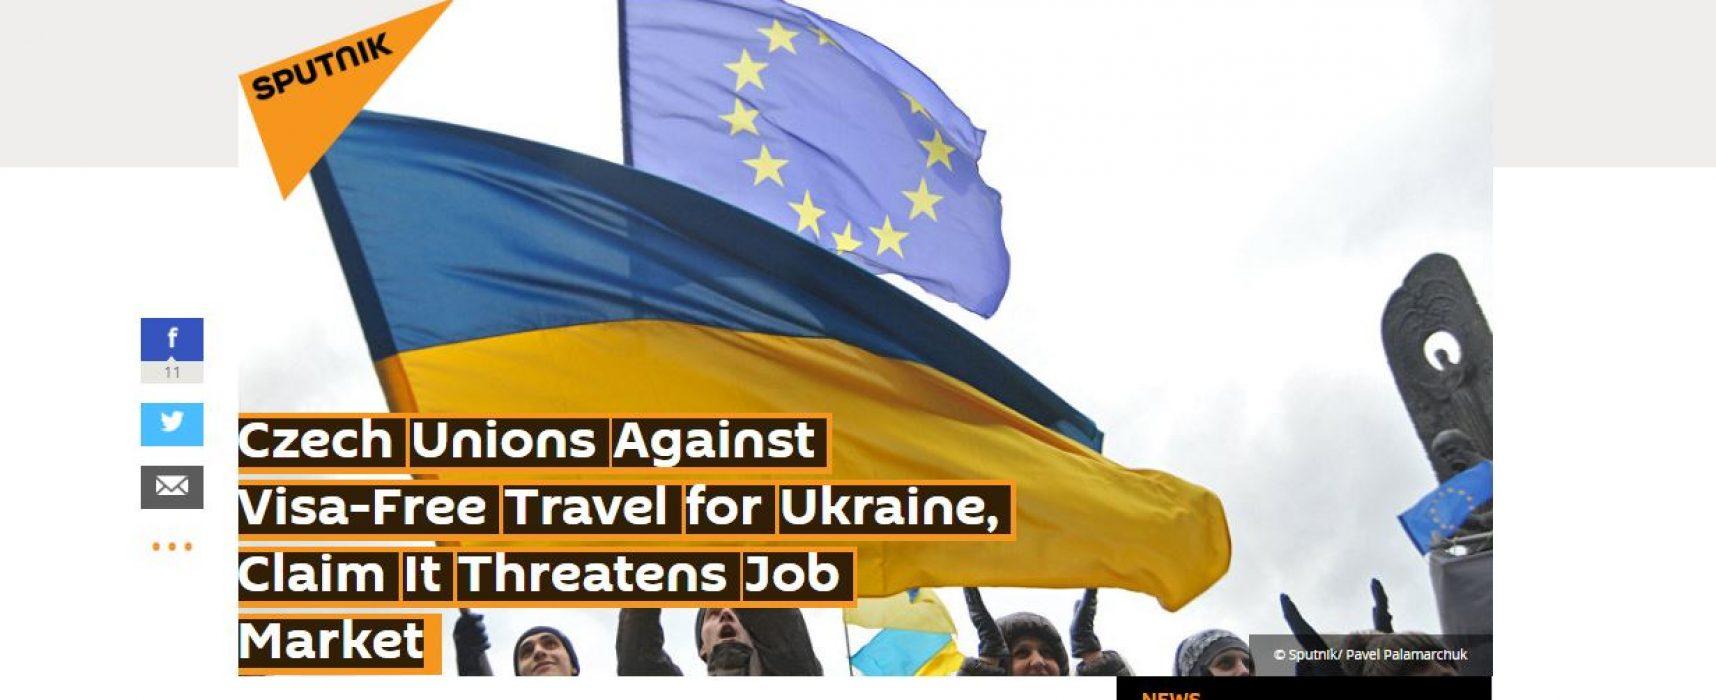 Фейк: Чешские профсоюзы выступили против безвизового режима с Украиной